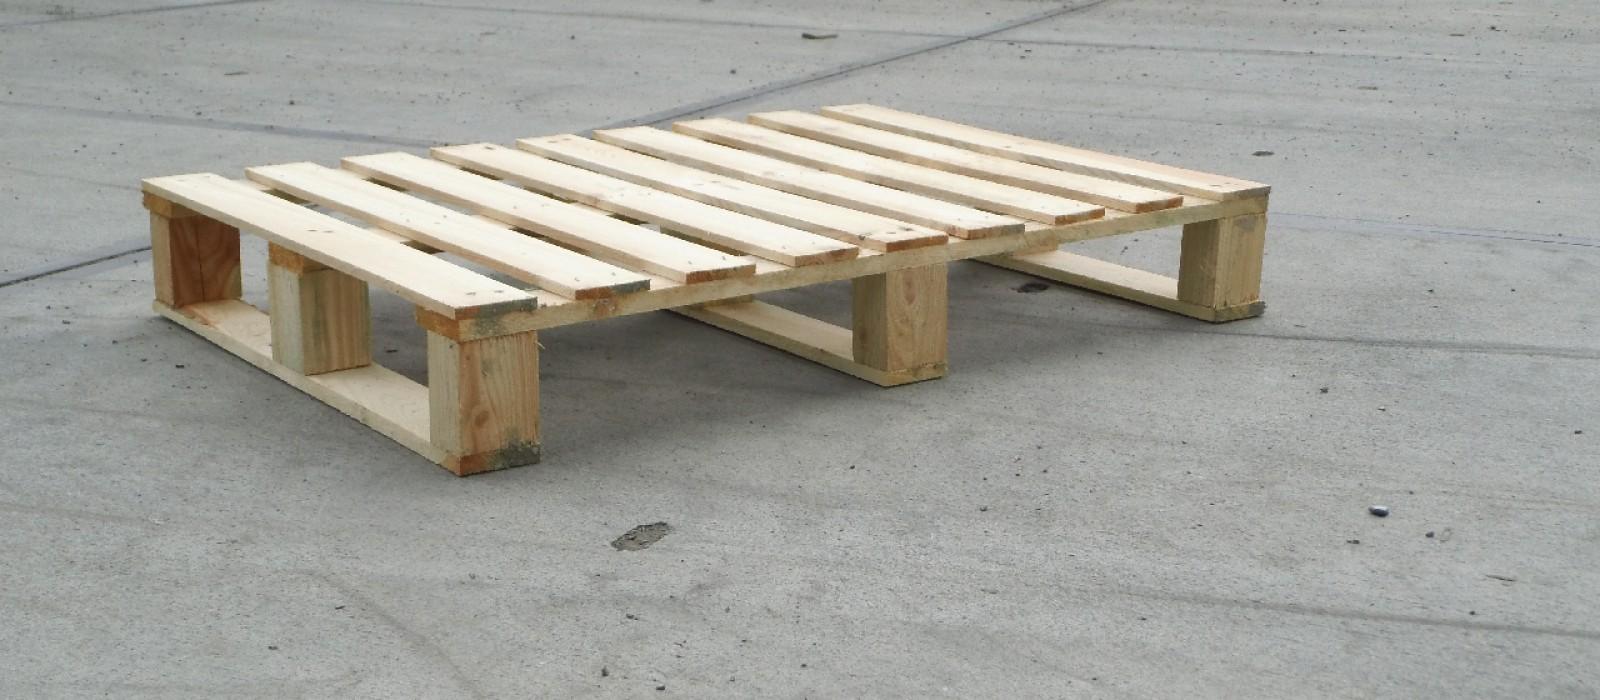 Transportpalette-in-4-Wege-Ausführung-mit-3-Kufen